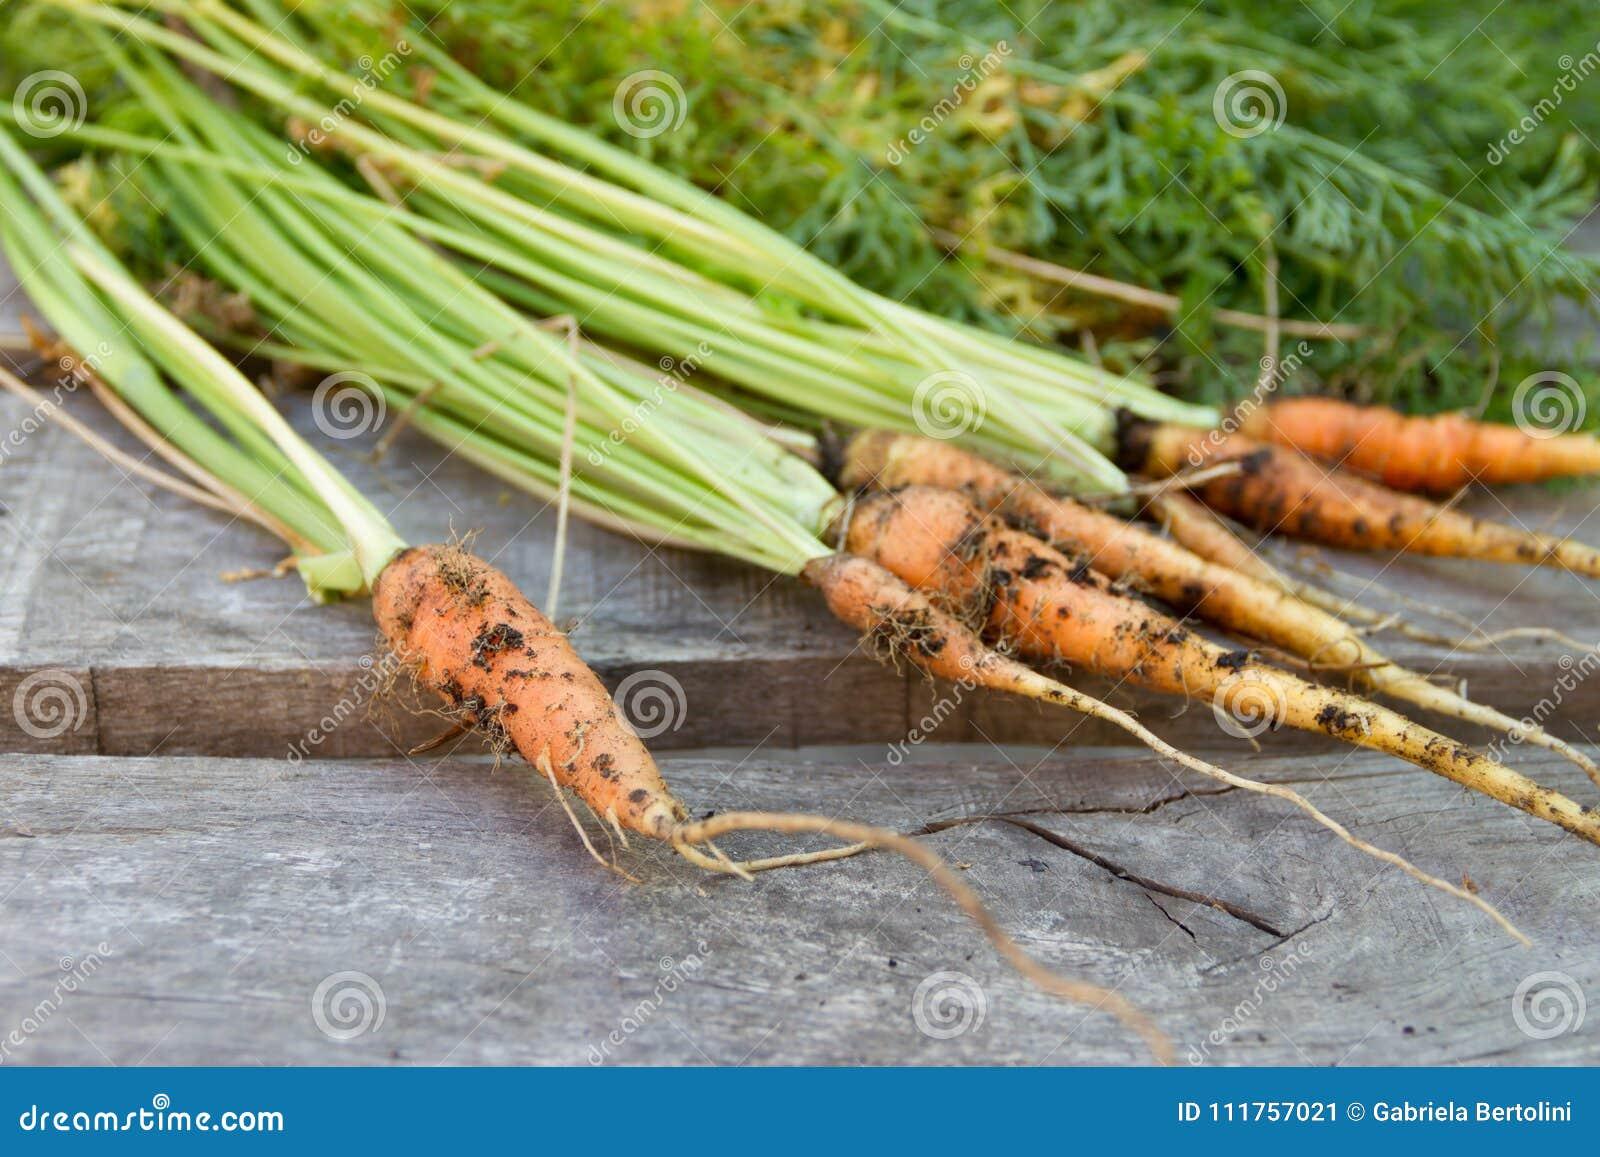 Nytt skördade morötter från den organiska trädgården